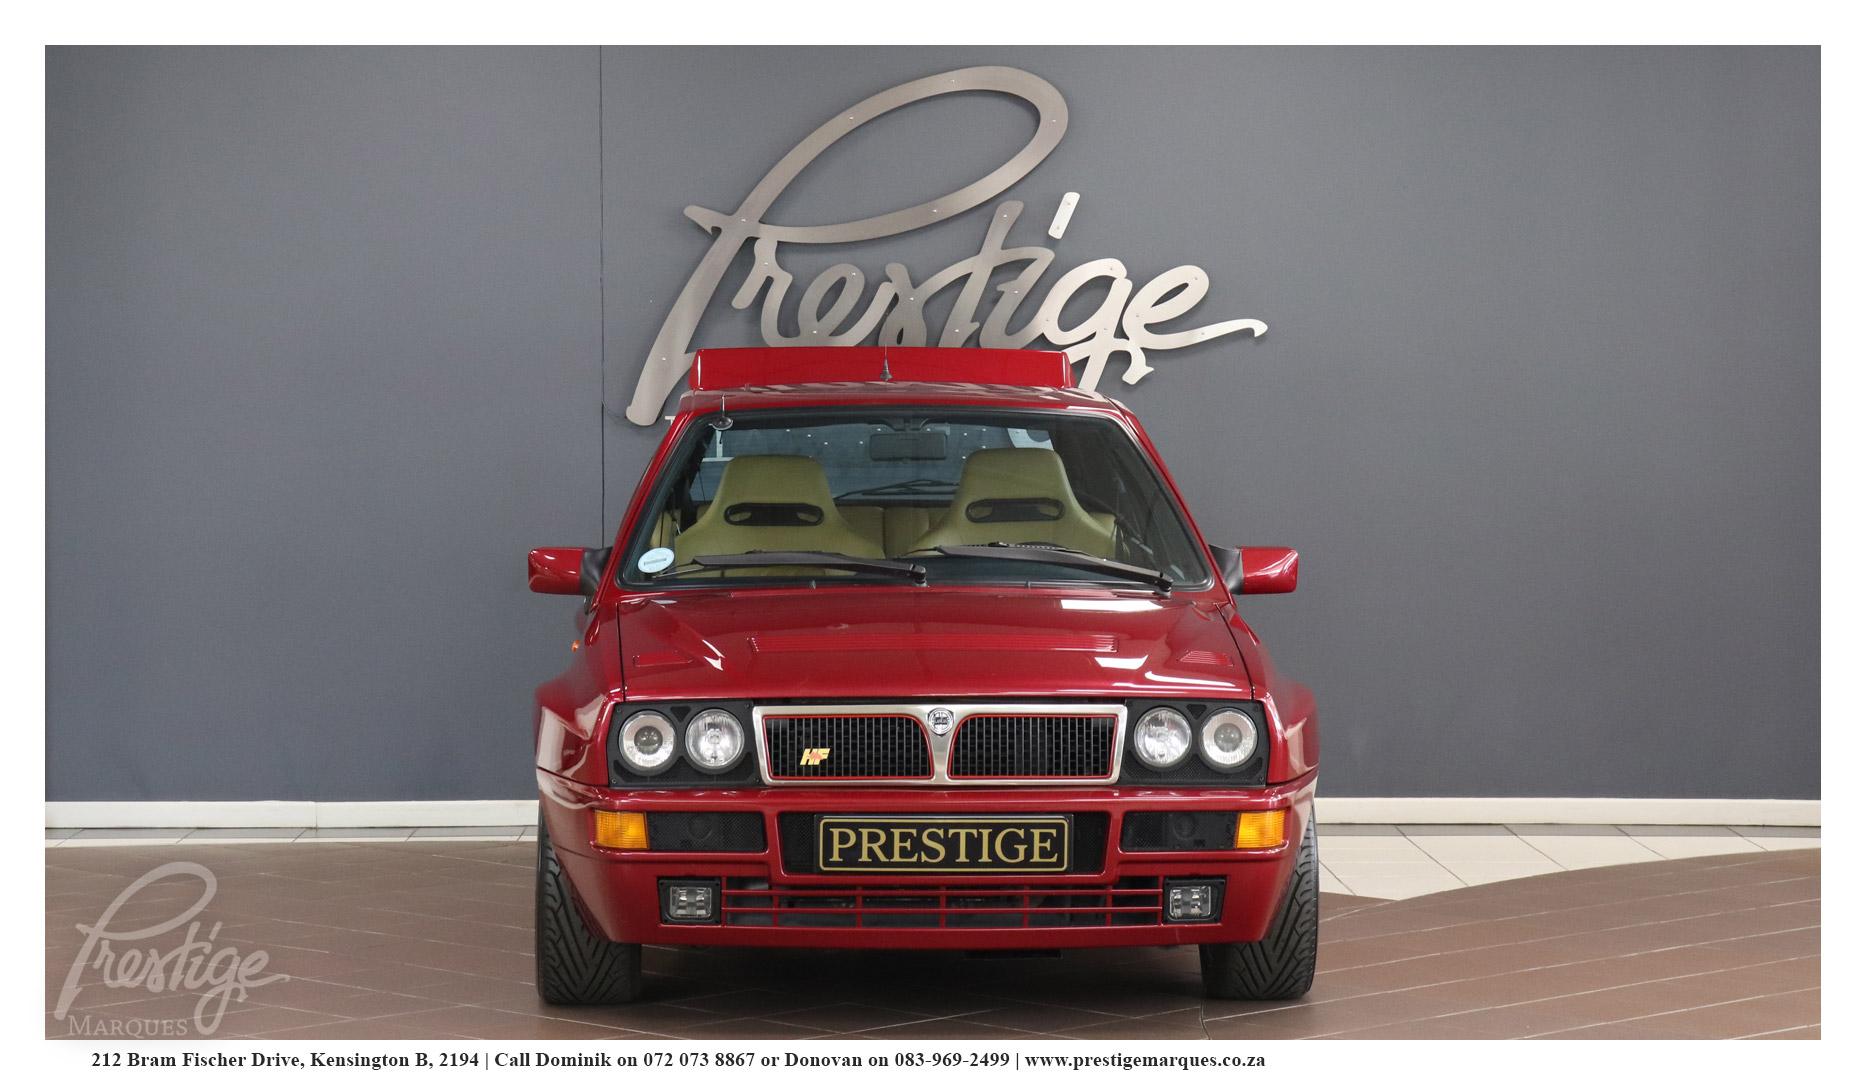 1995-Lancia-Delta-Integrale-Evo-2-Dealer-Collection-Prestige-Marques-Sandton-8